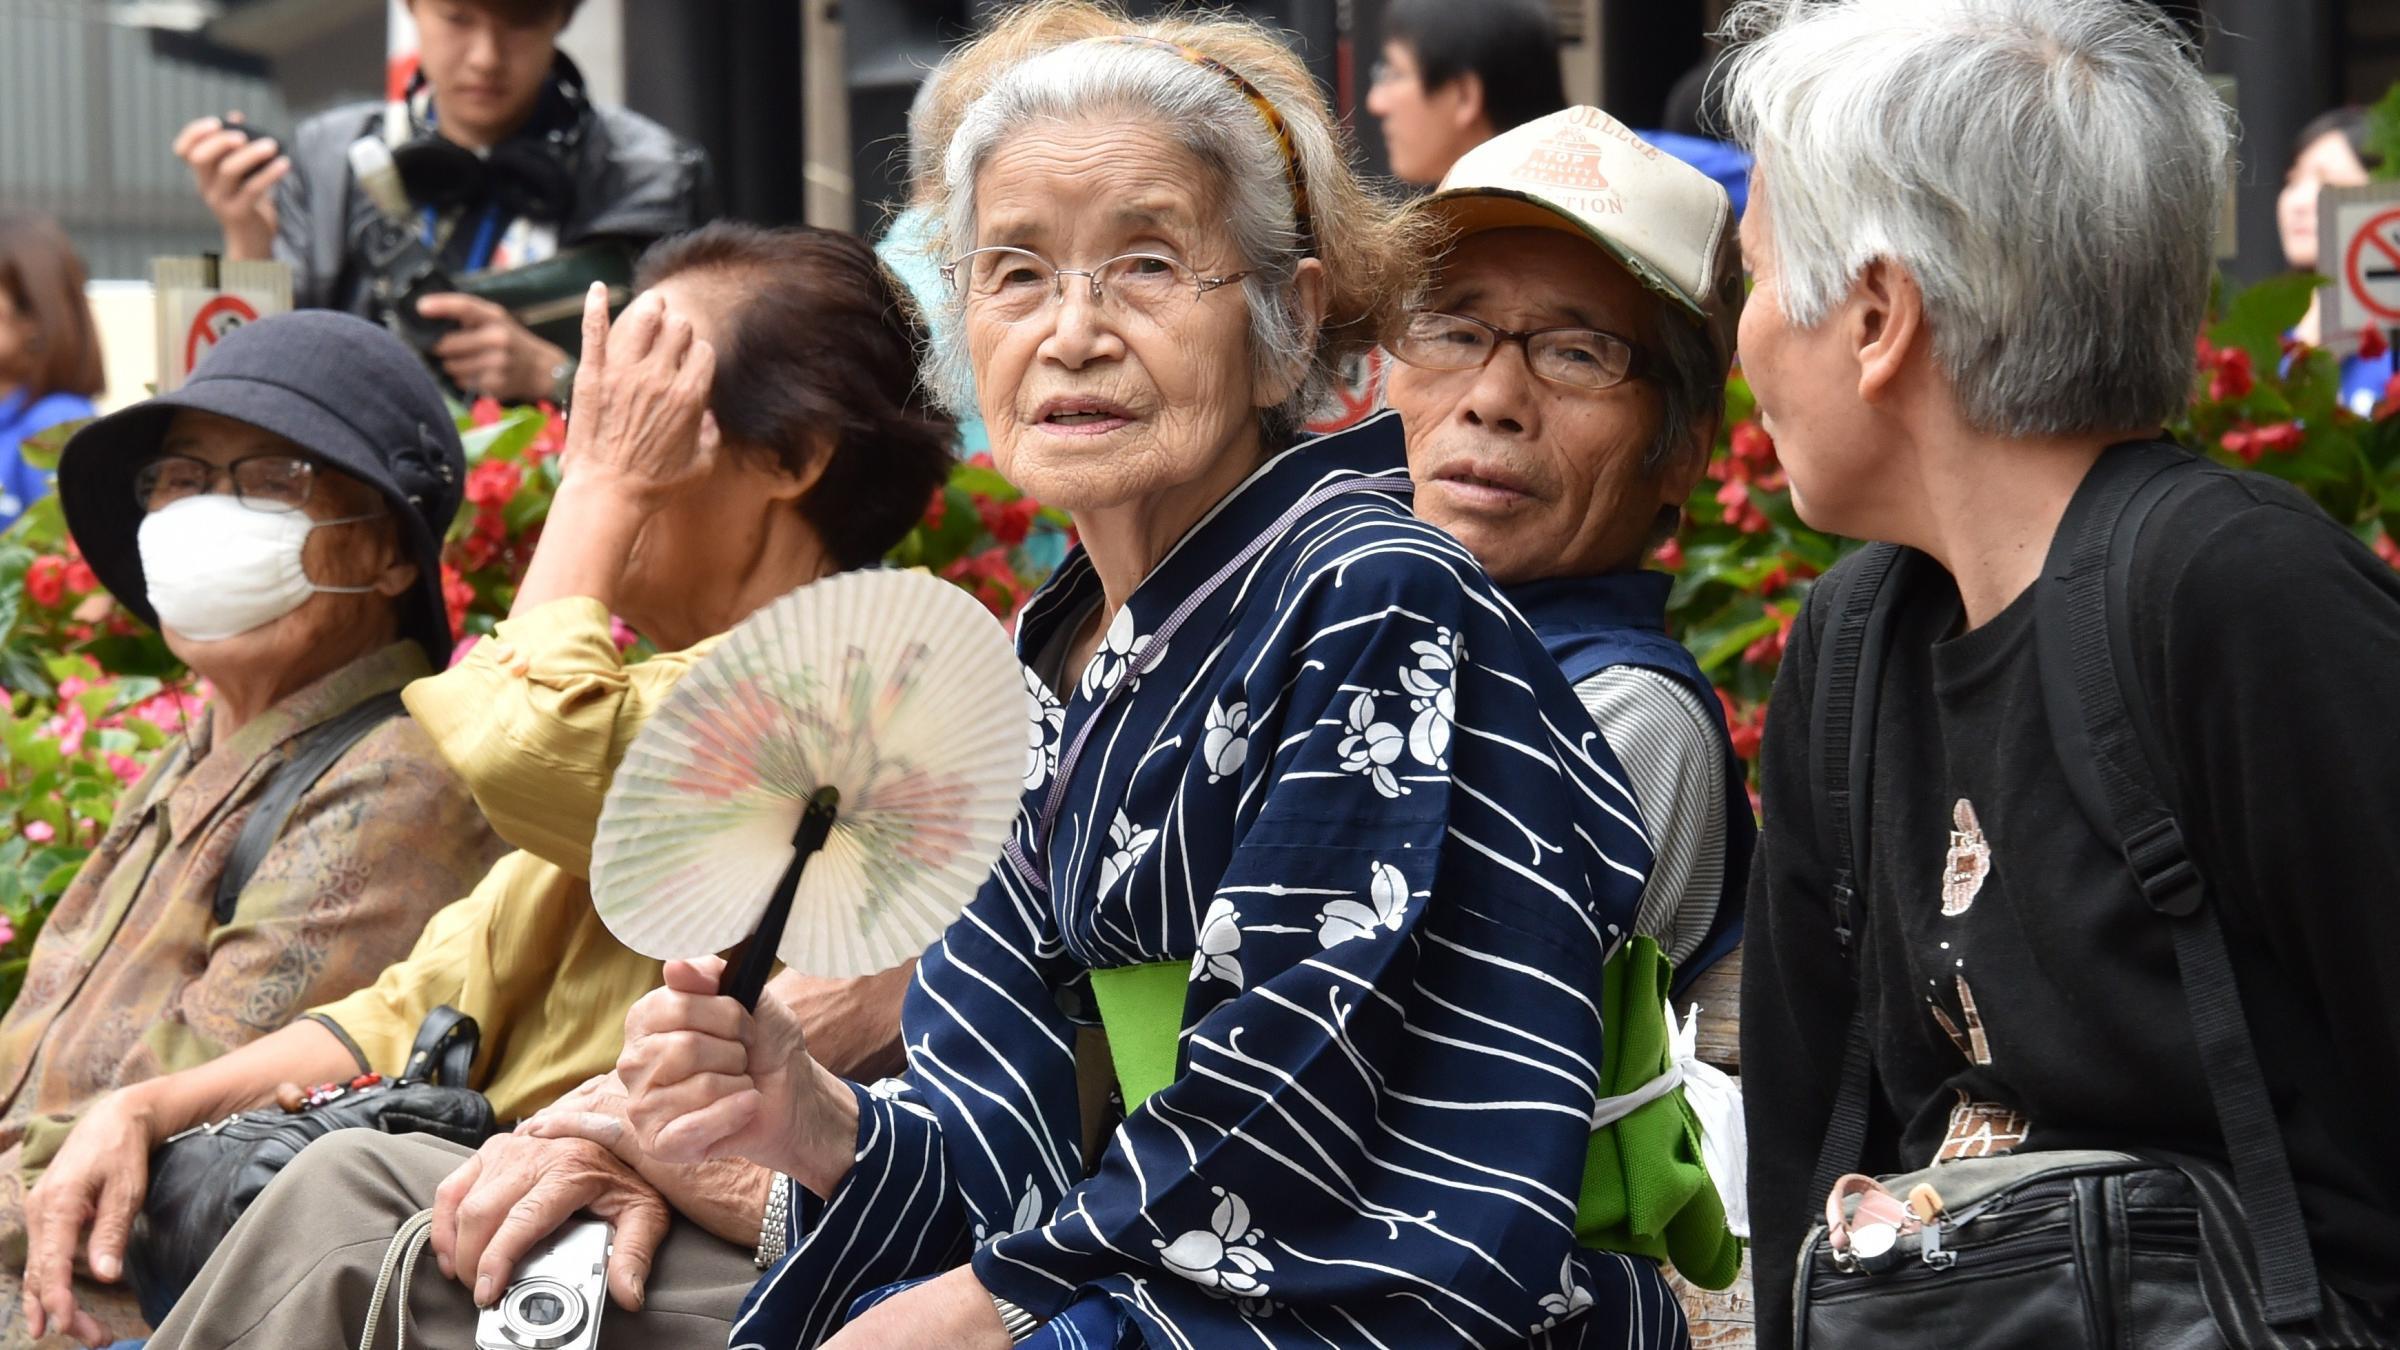 Средняя продолжительность жизни достигнет 90 лет, но пока лишь в одной стране